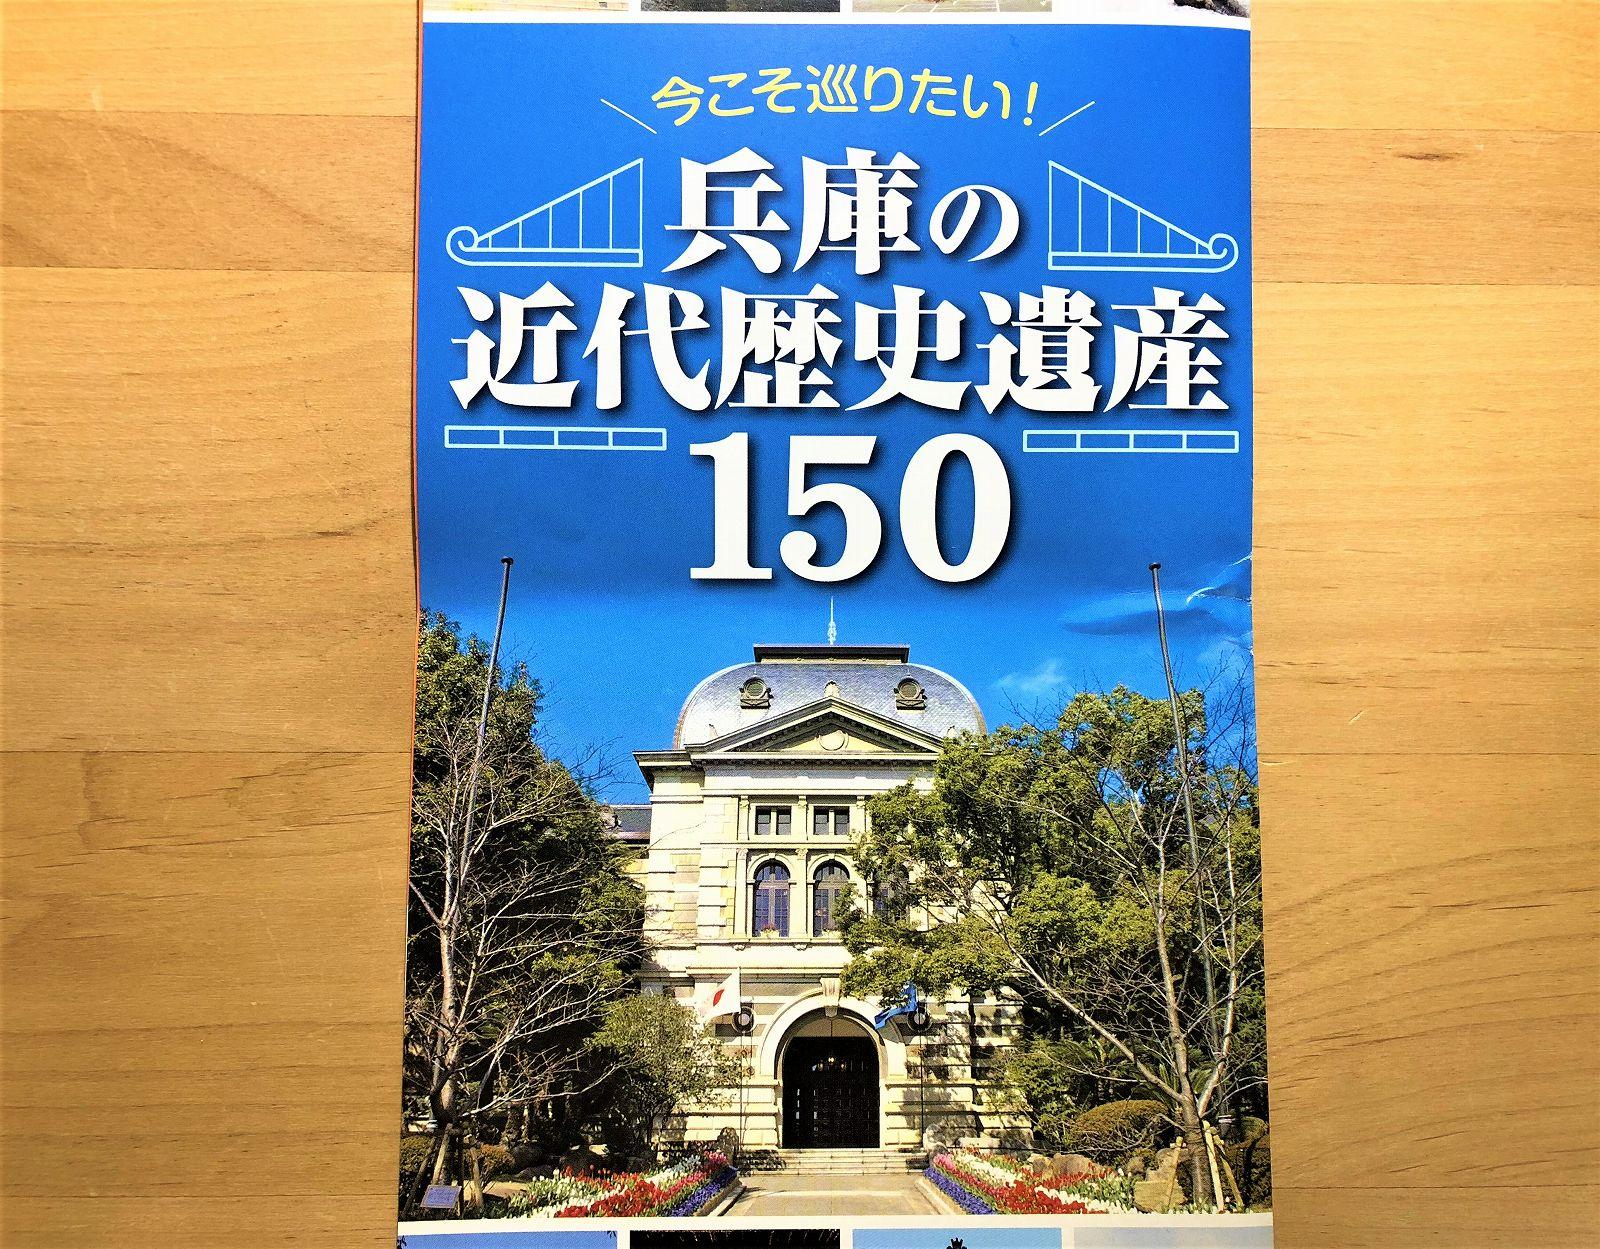 兵庫の近代歴史遺産150か所がつまった『今こそ巡りたい!兵庫の近代歴史遺産150』神マップをゲットしたのでご紹介! #兵庫県 #近代歴史遺産 #近代建築 #文化庁